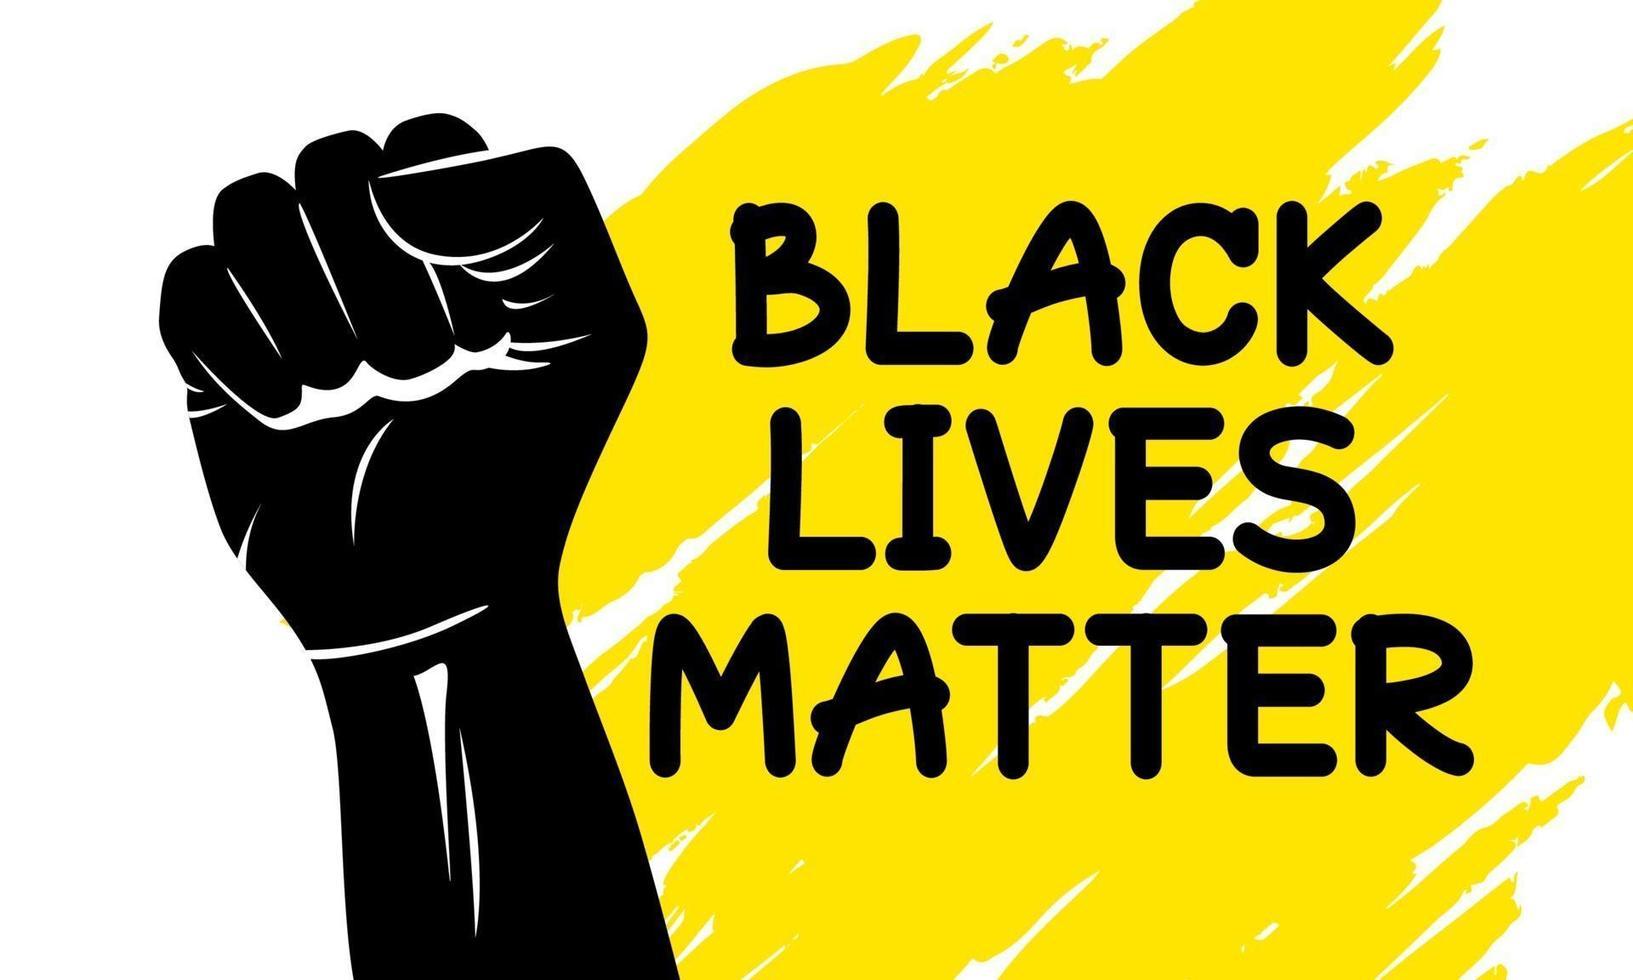 Las vidas negras importan el diseño de la ilustración de vector de puño de silueta